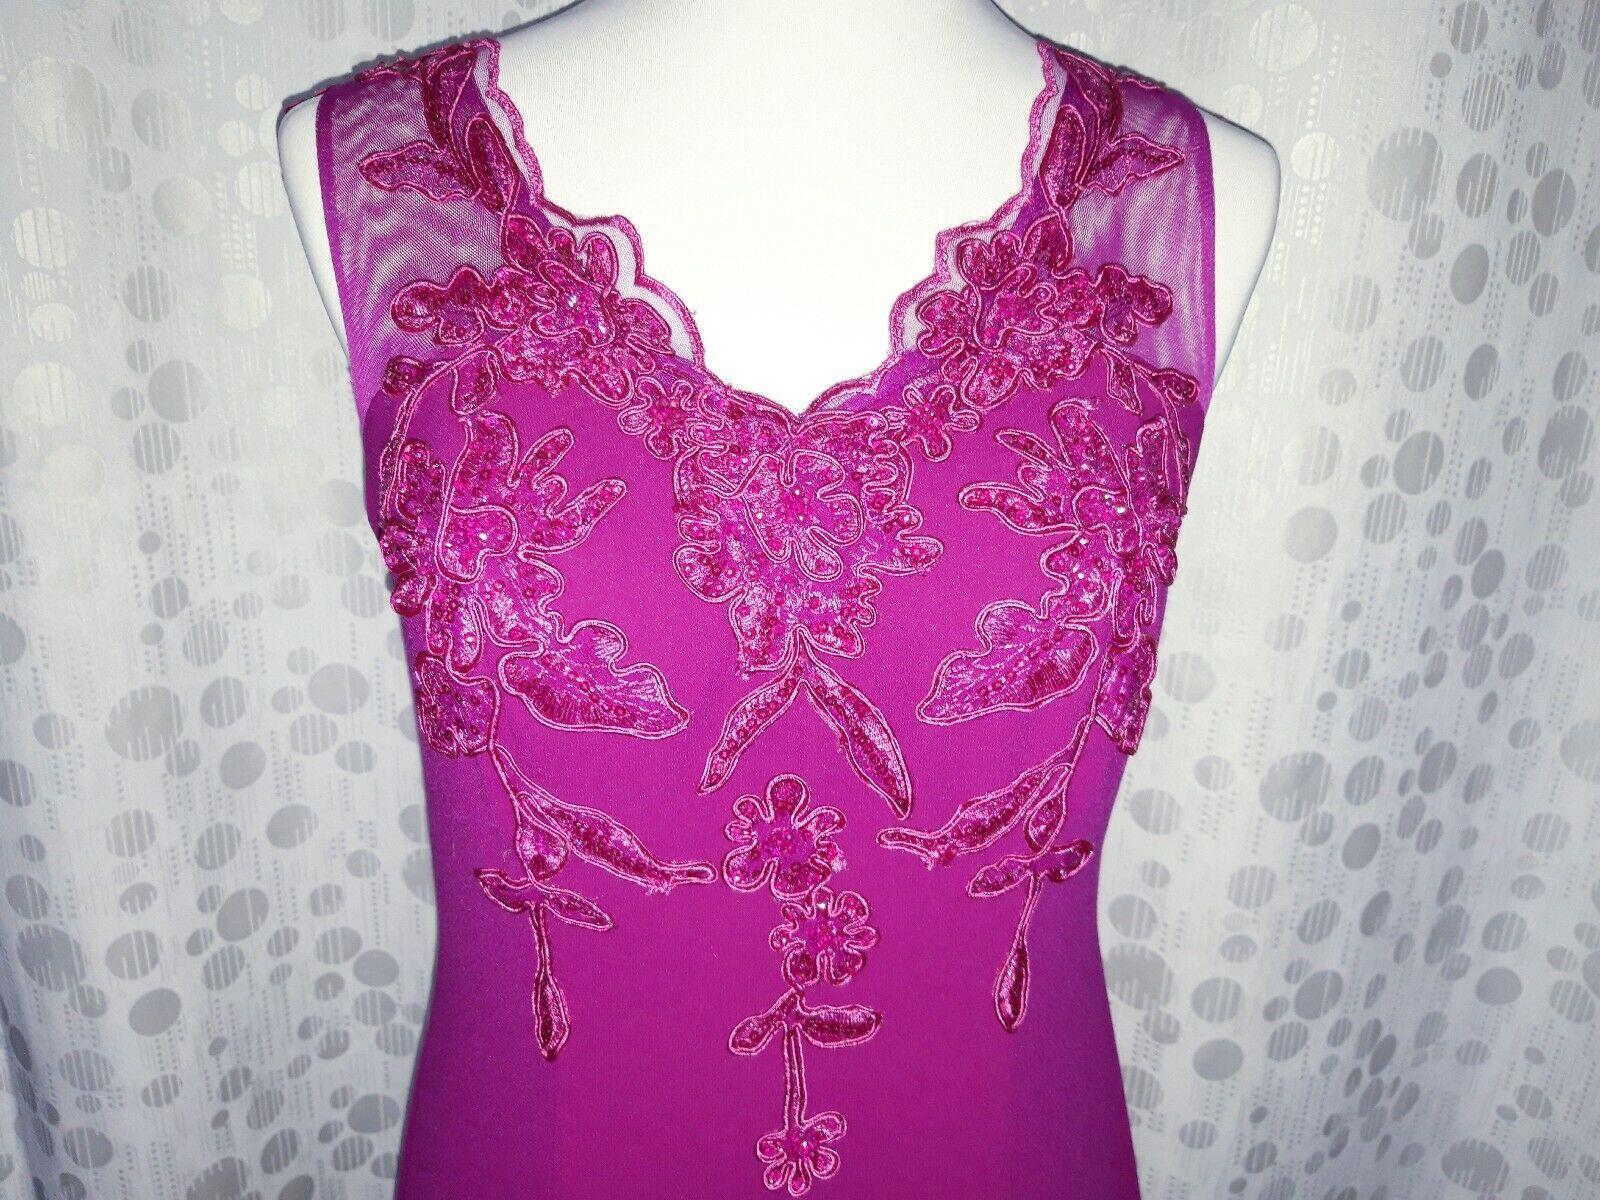 Abend Einfach Abendkleider Xs Lang Bester Preis15 Schön Abendkleider Xs Lang Boutique